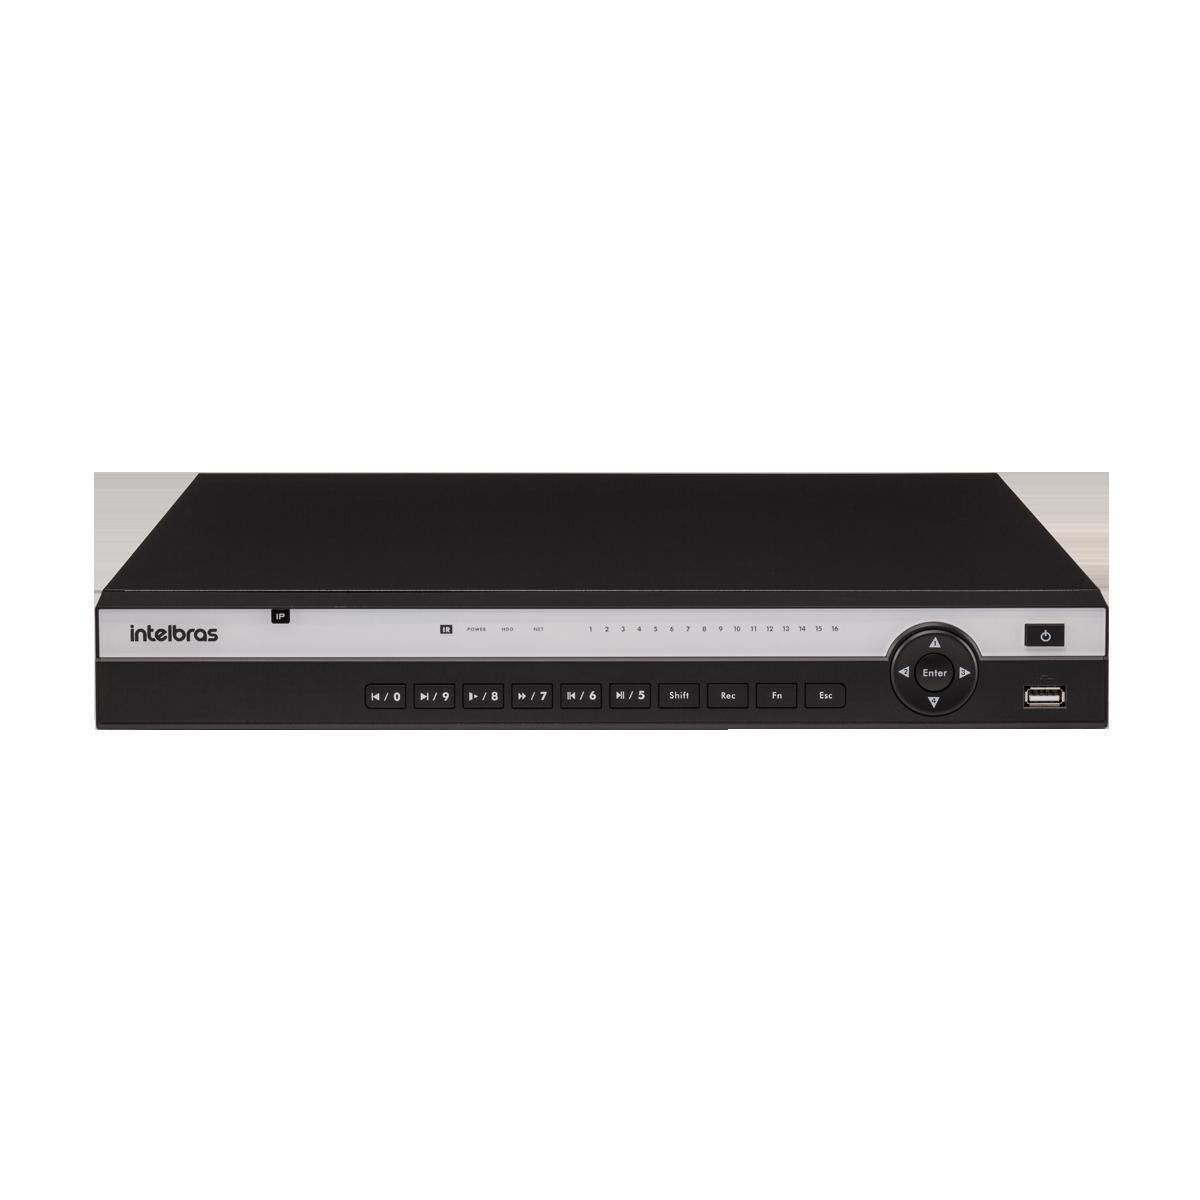 NVD 3208 P C/ HD 6TB - GRAV. DIG. DE VÍDEO EM REDE PARA ATÉ 8 CANAIS IP EM FULL HD @ 30 FPS, 4K, H.265, POSSUI 8 PORTAS POE e CAPACIDADE DE ARMAZENAMENTO PARA 1 HD - PRODUÇÃO CUSTOMIZADA COM ENTREGA E  - Sandercomp Virtual